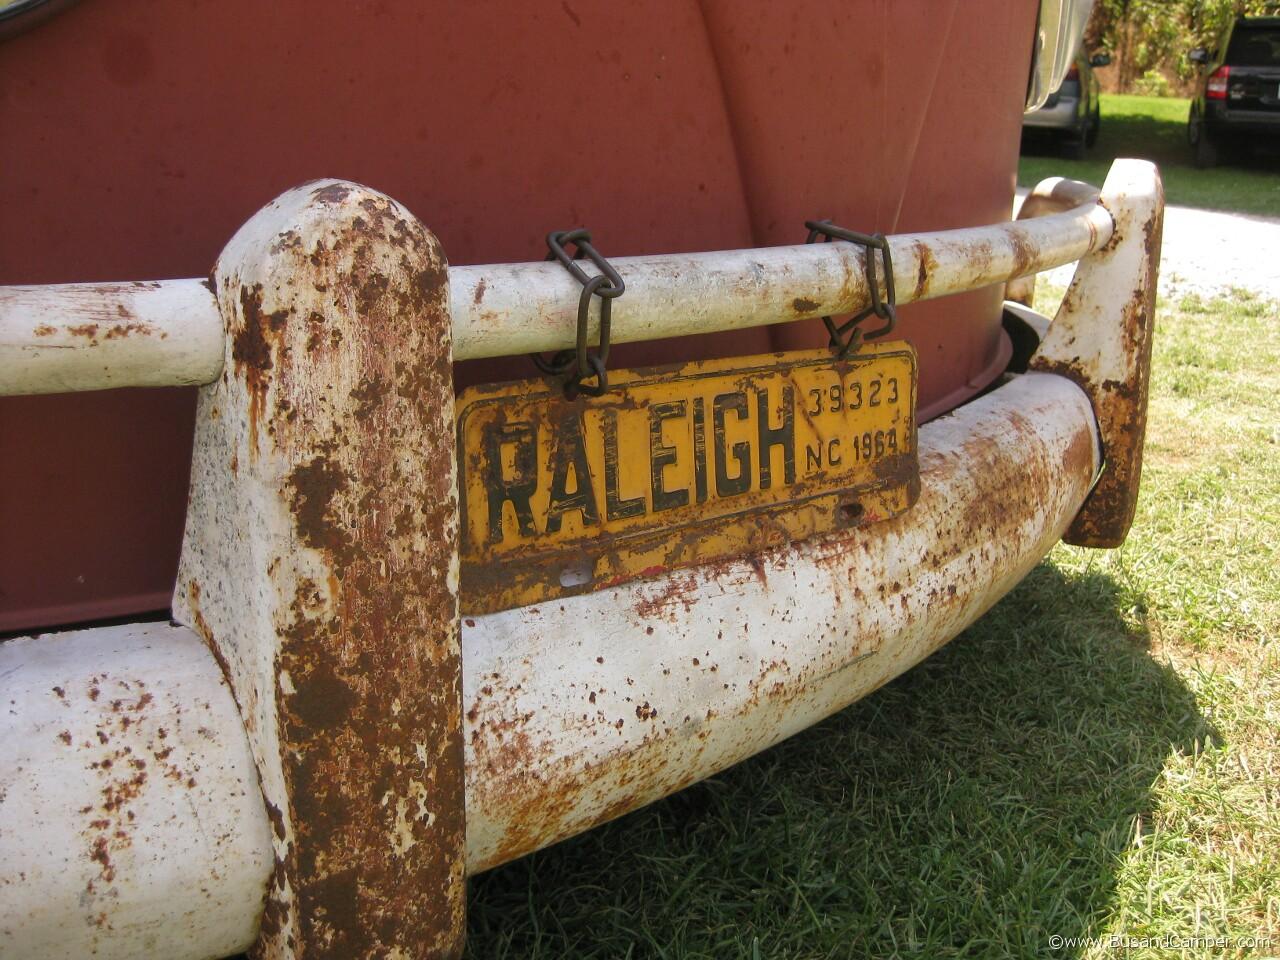 Raleigh Moonie bus